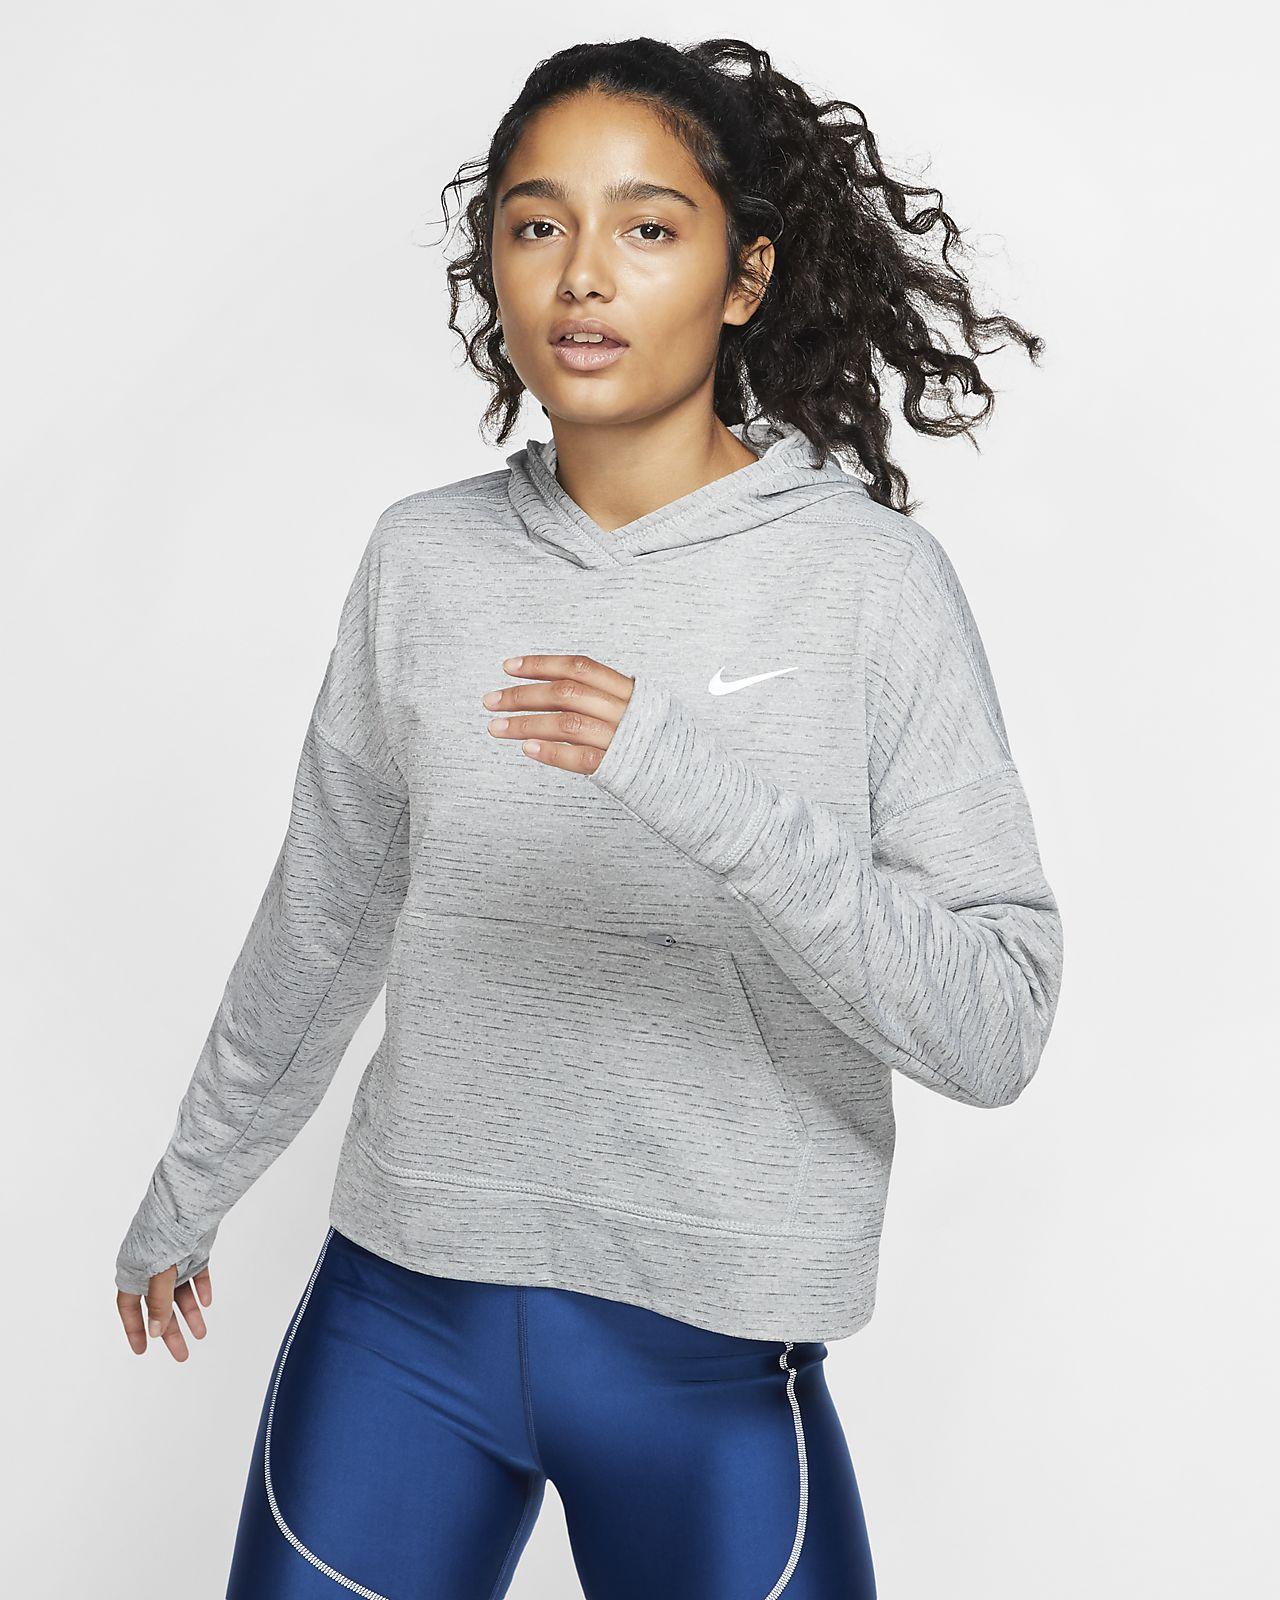 Damska bluza z kapturem do biegania Nike Miler | Bluzy, Nike